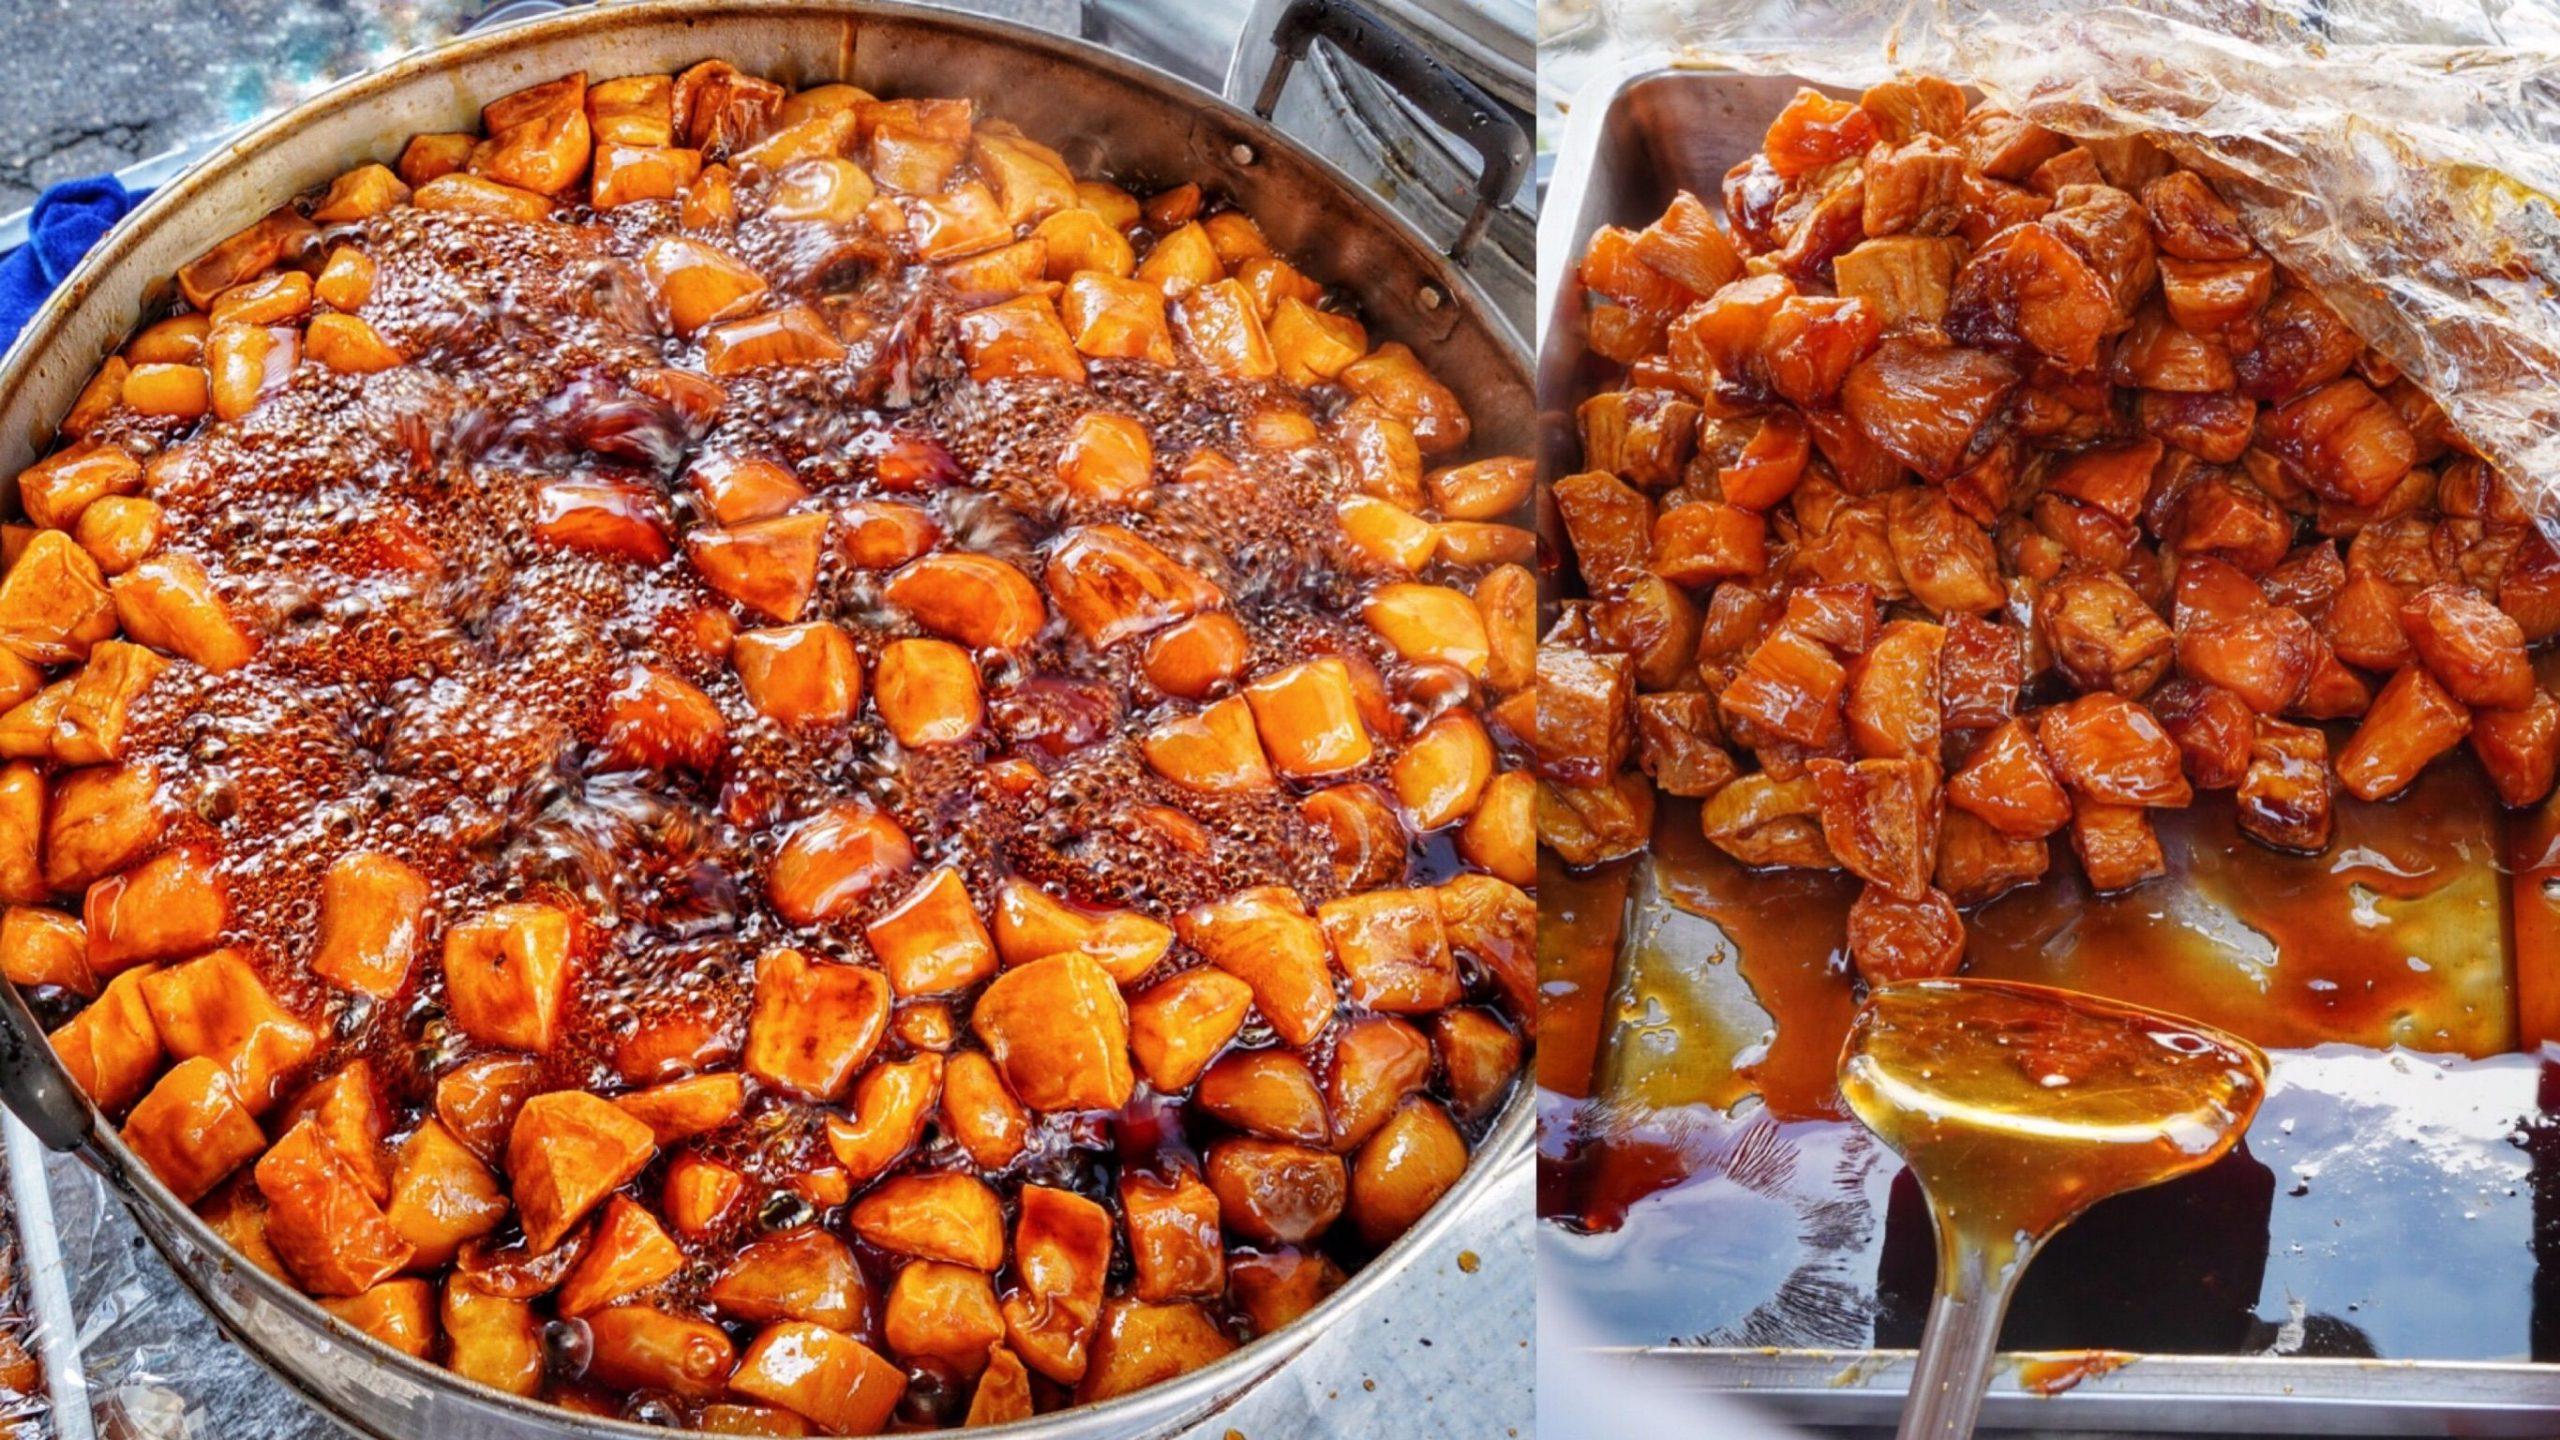 台南最好吃【百頁蕃薯糖】限假日開賣!!整鍋琥珀色超誘人 飄香40年的古早好滋味|關廟美食